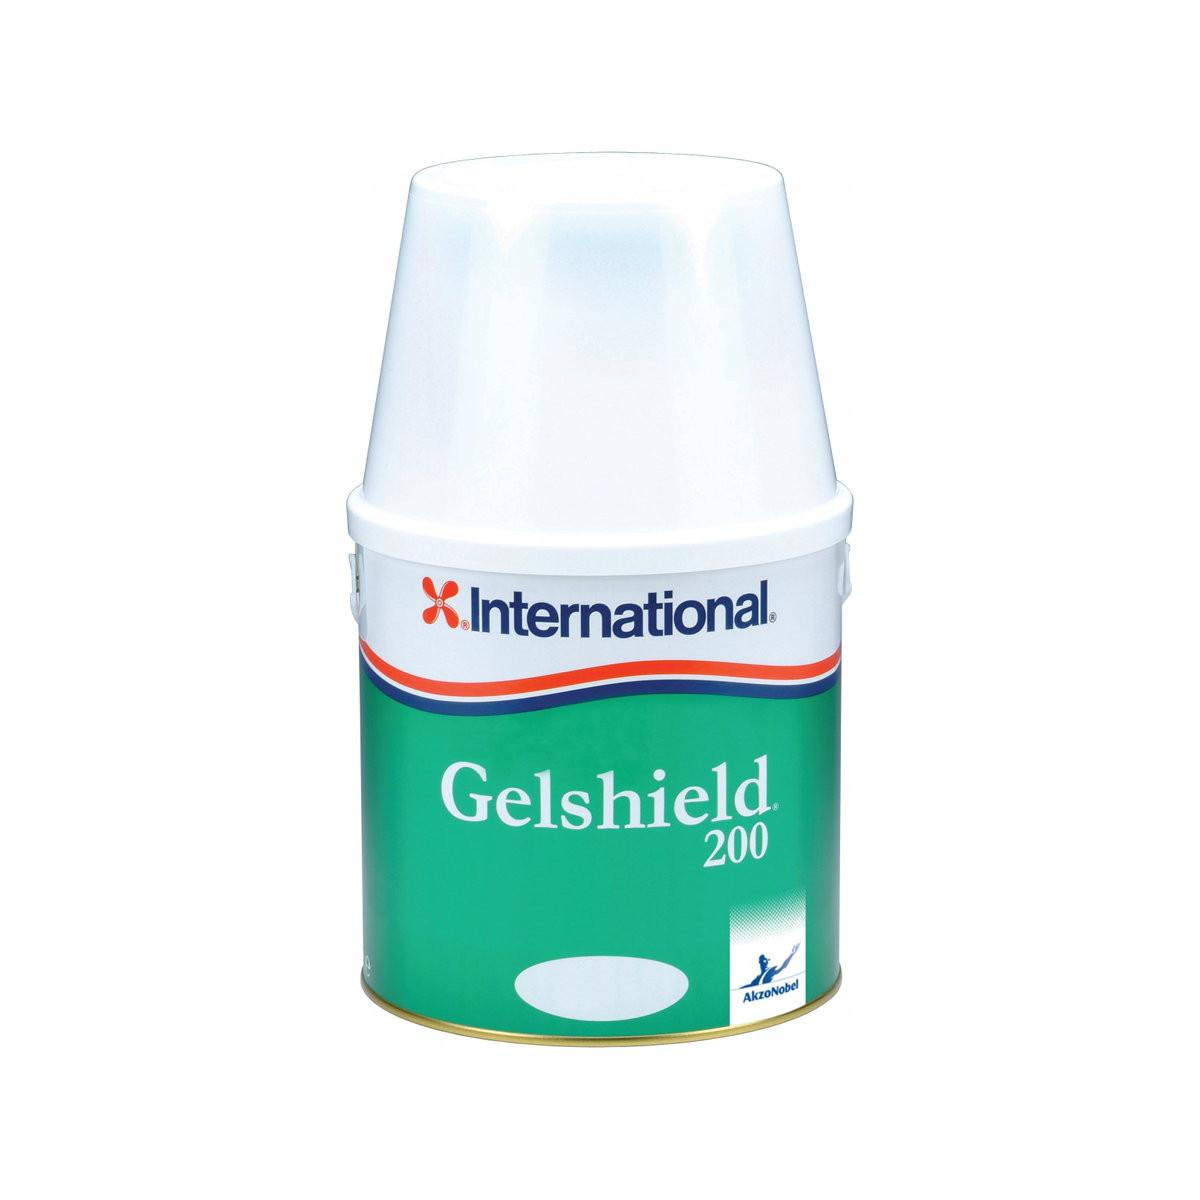 International Gelshield 200 primer - groen 2500ml